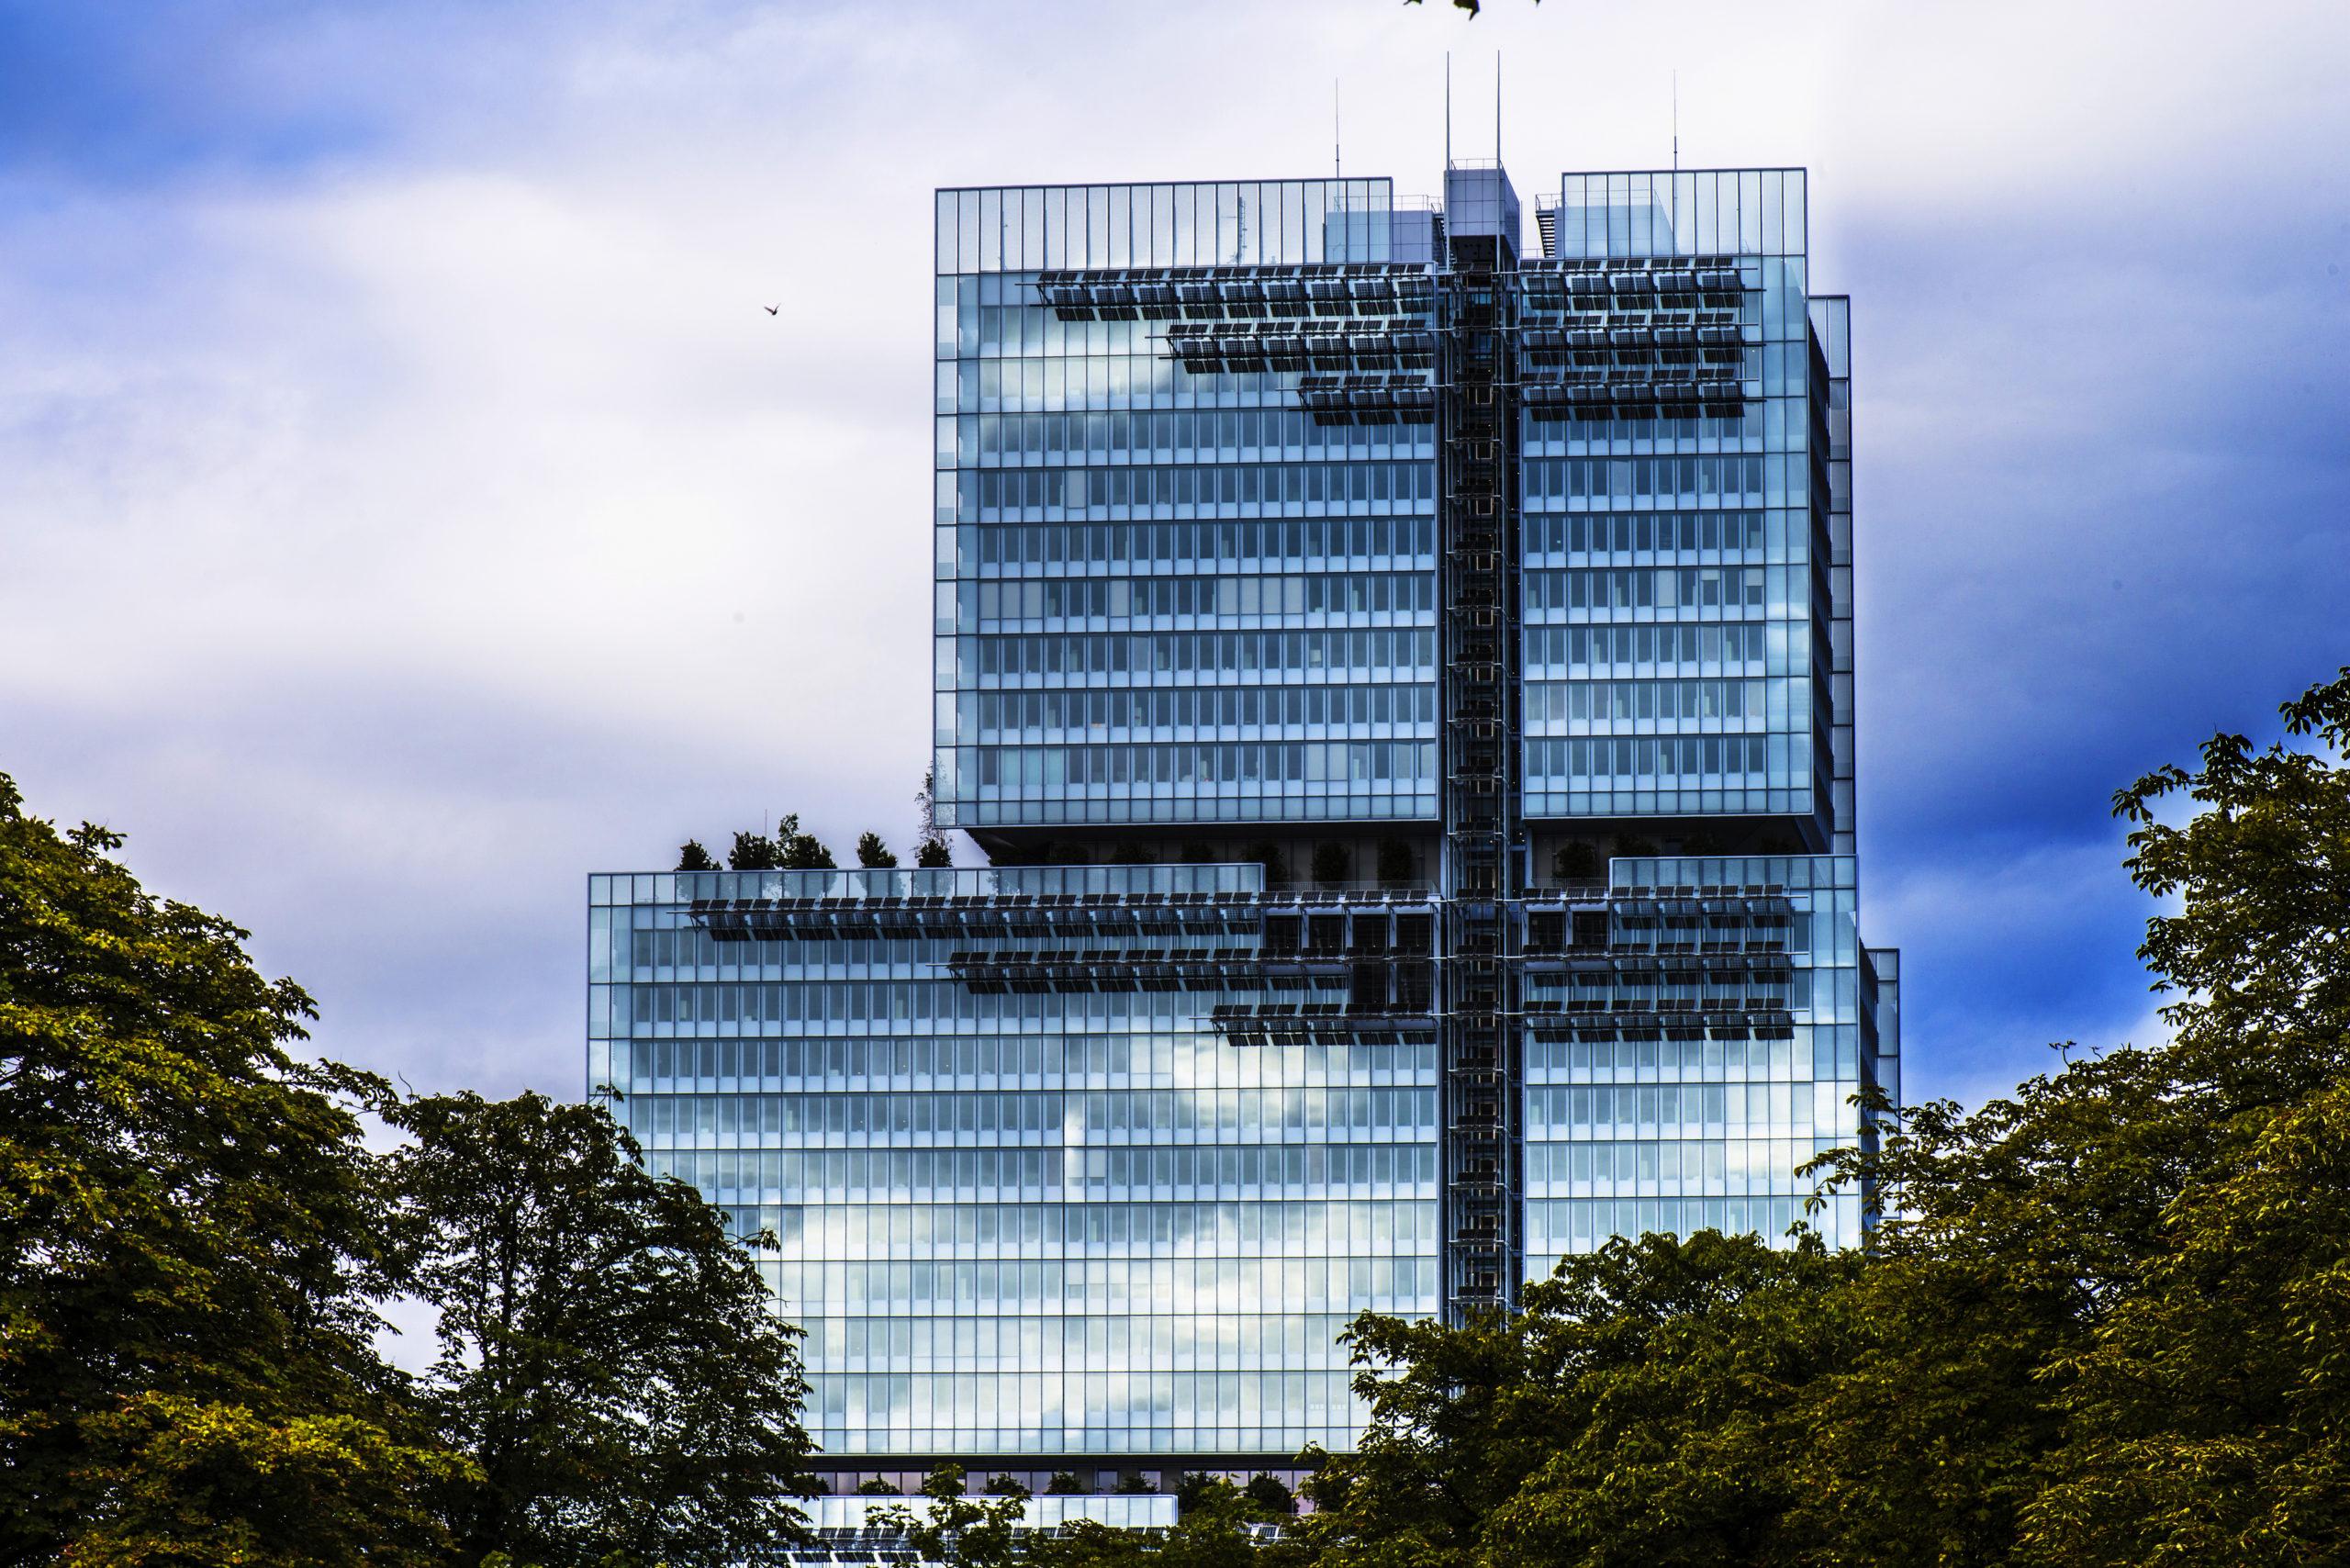 nouveau tribunal de Paris - architecte Renzo PIANO - porte de Clichy- Paris - Assurances construction- Groupe CEA